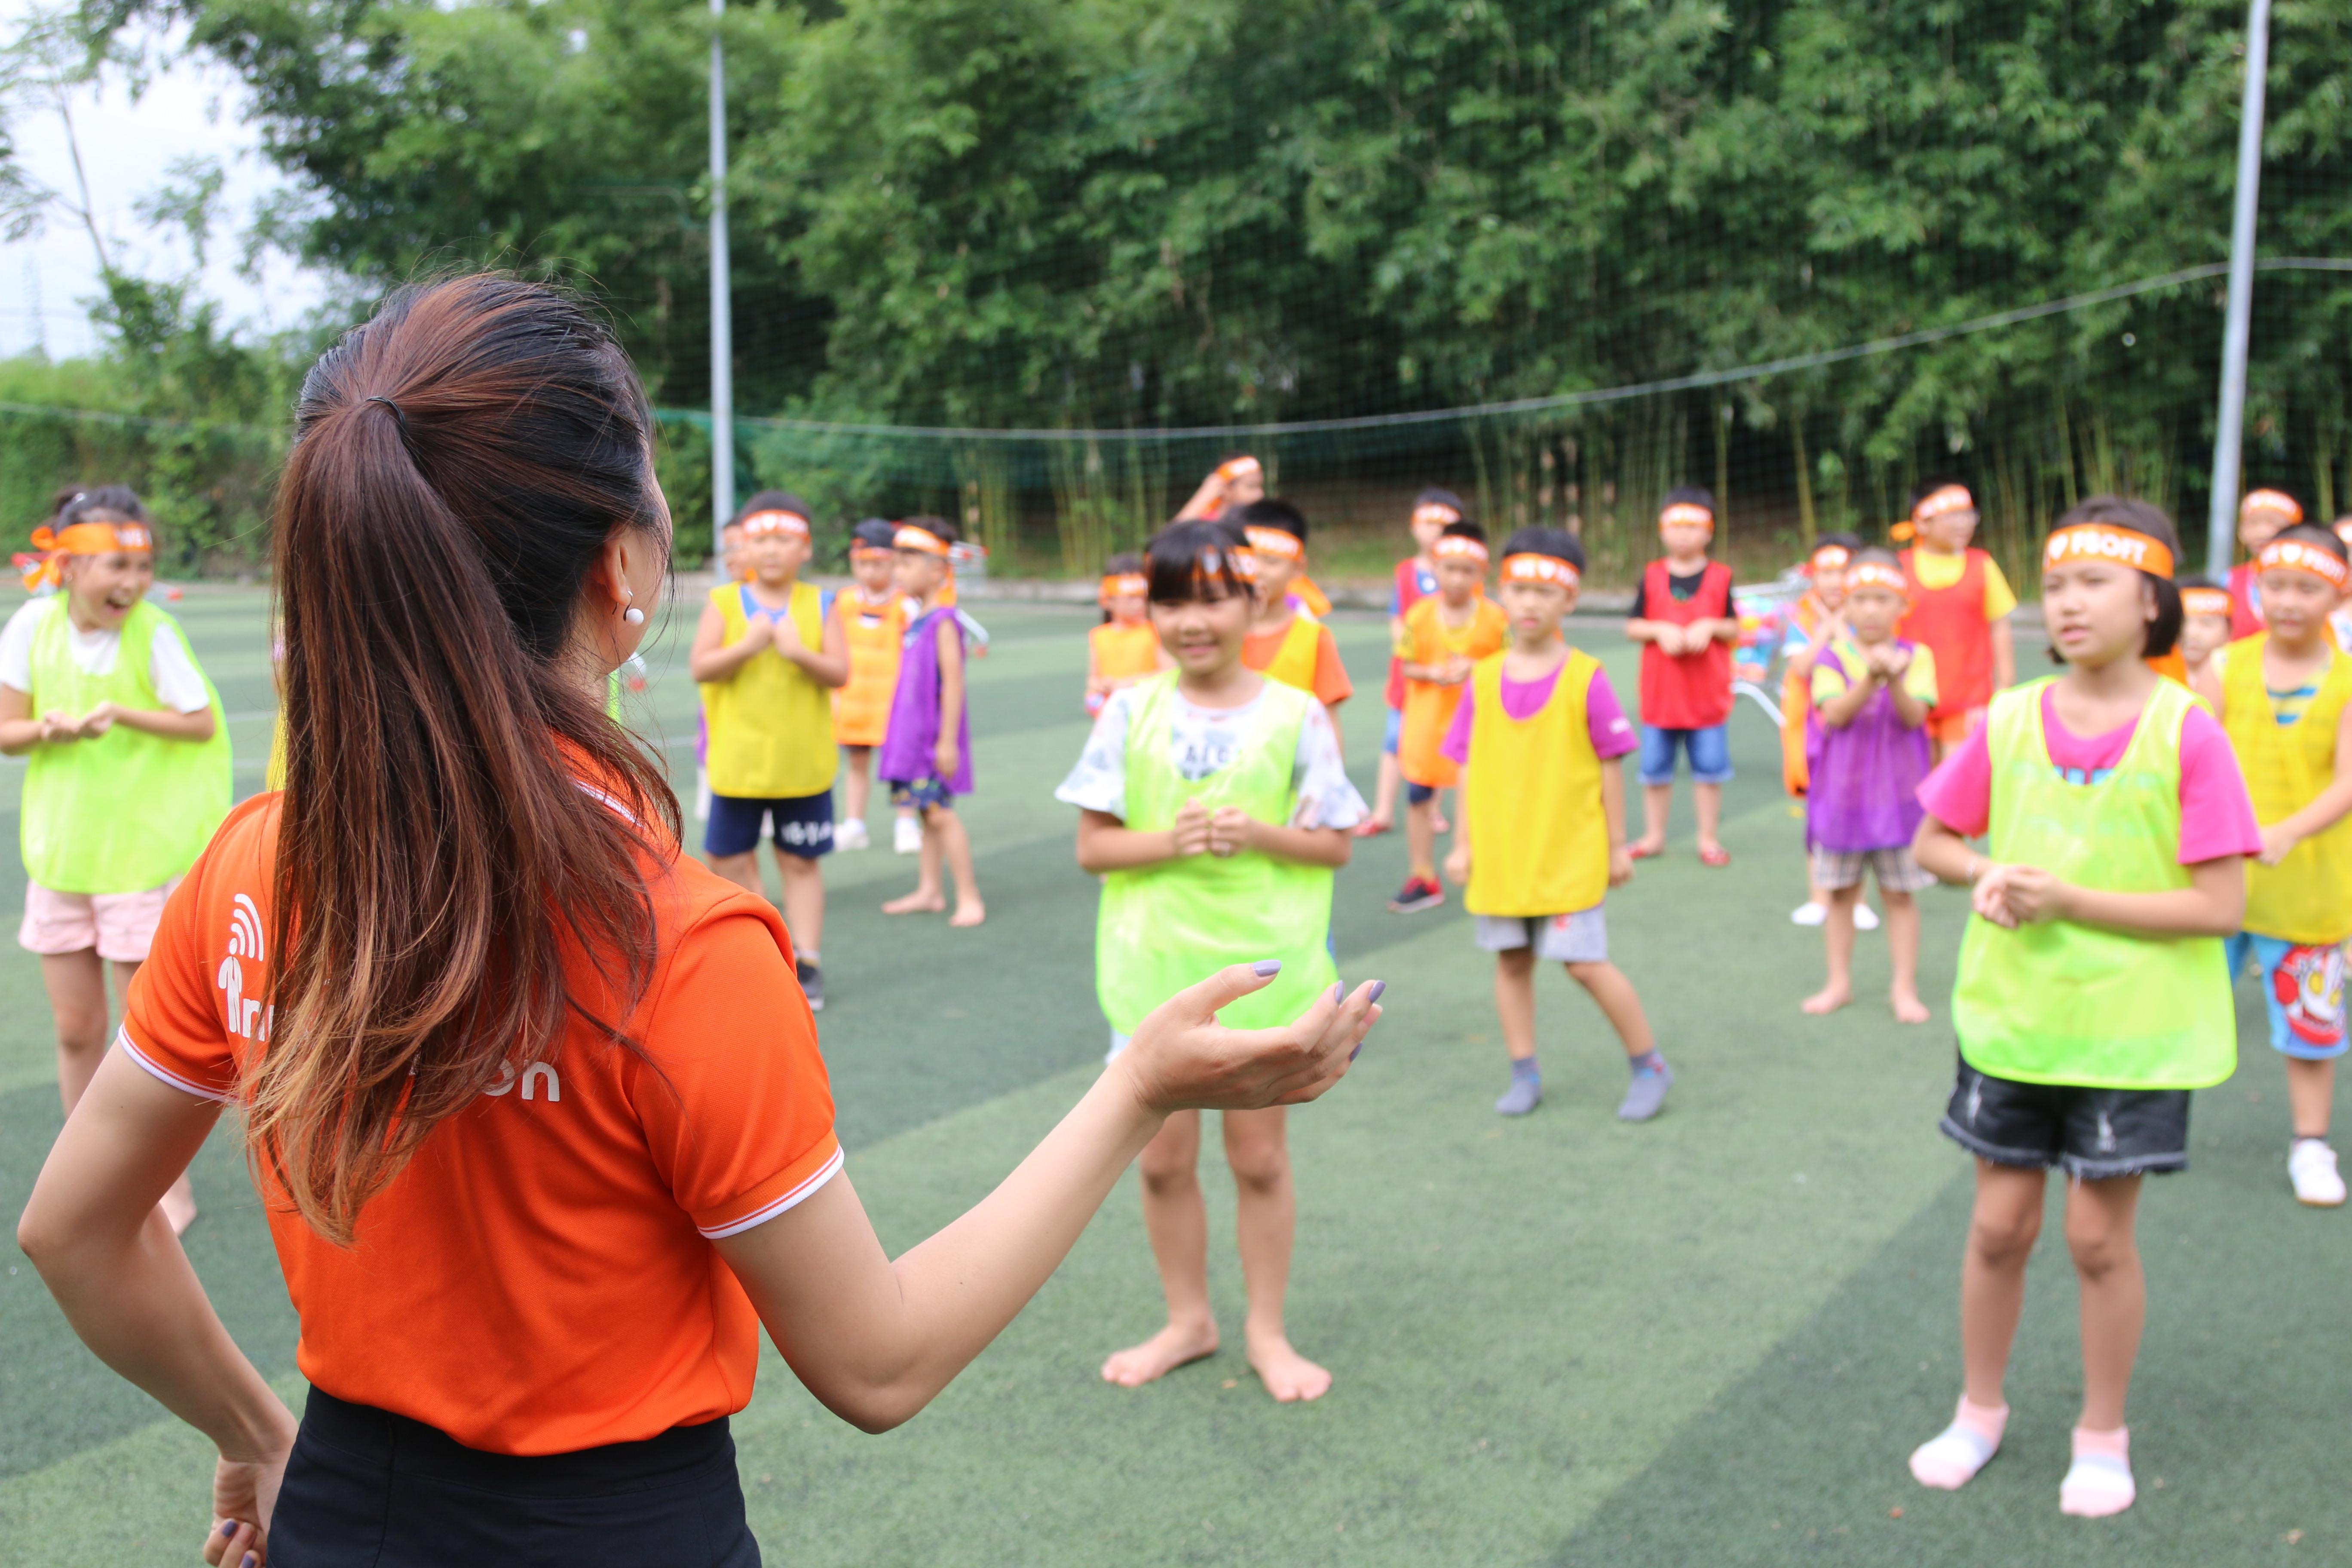 Trước khi diễn ra hội thao, các bé được vận động các khớp chân tay dưới sự hướng dẫn của cô giáo Trần Thị Ngọc (SSC. Hòa Lạc).